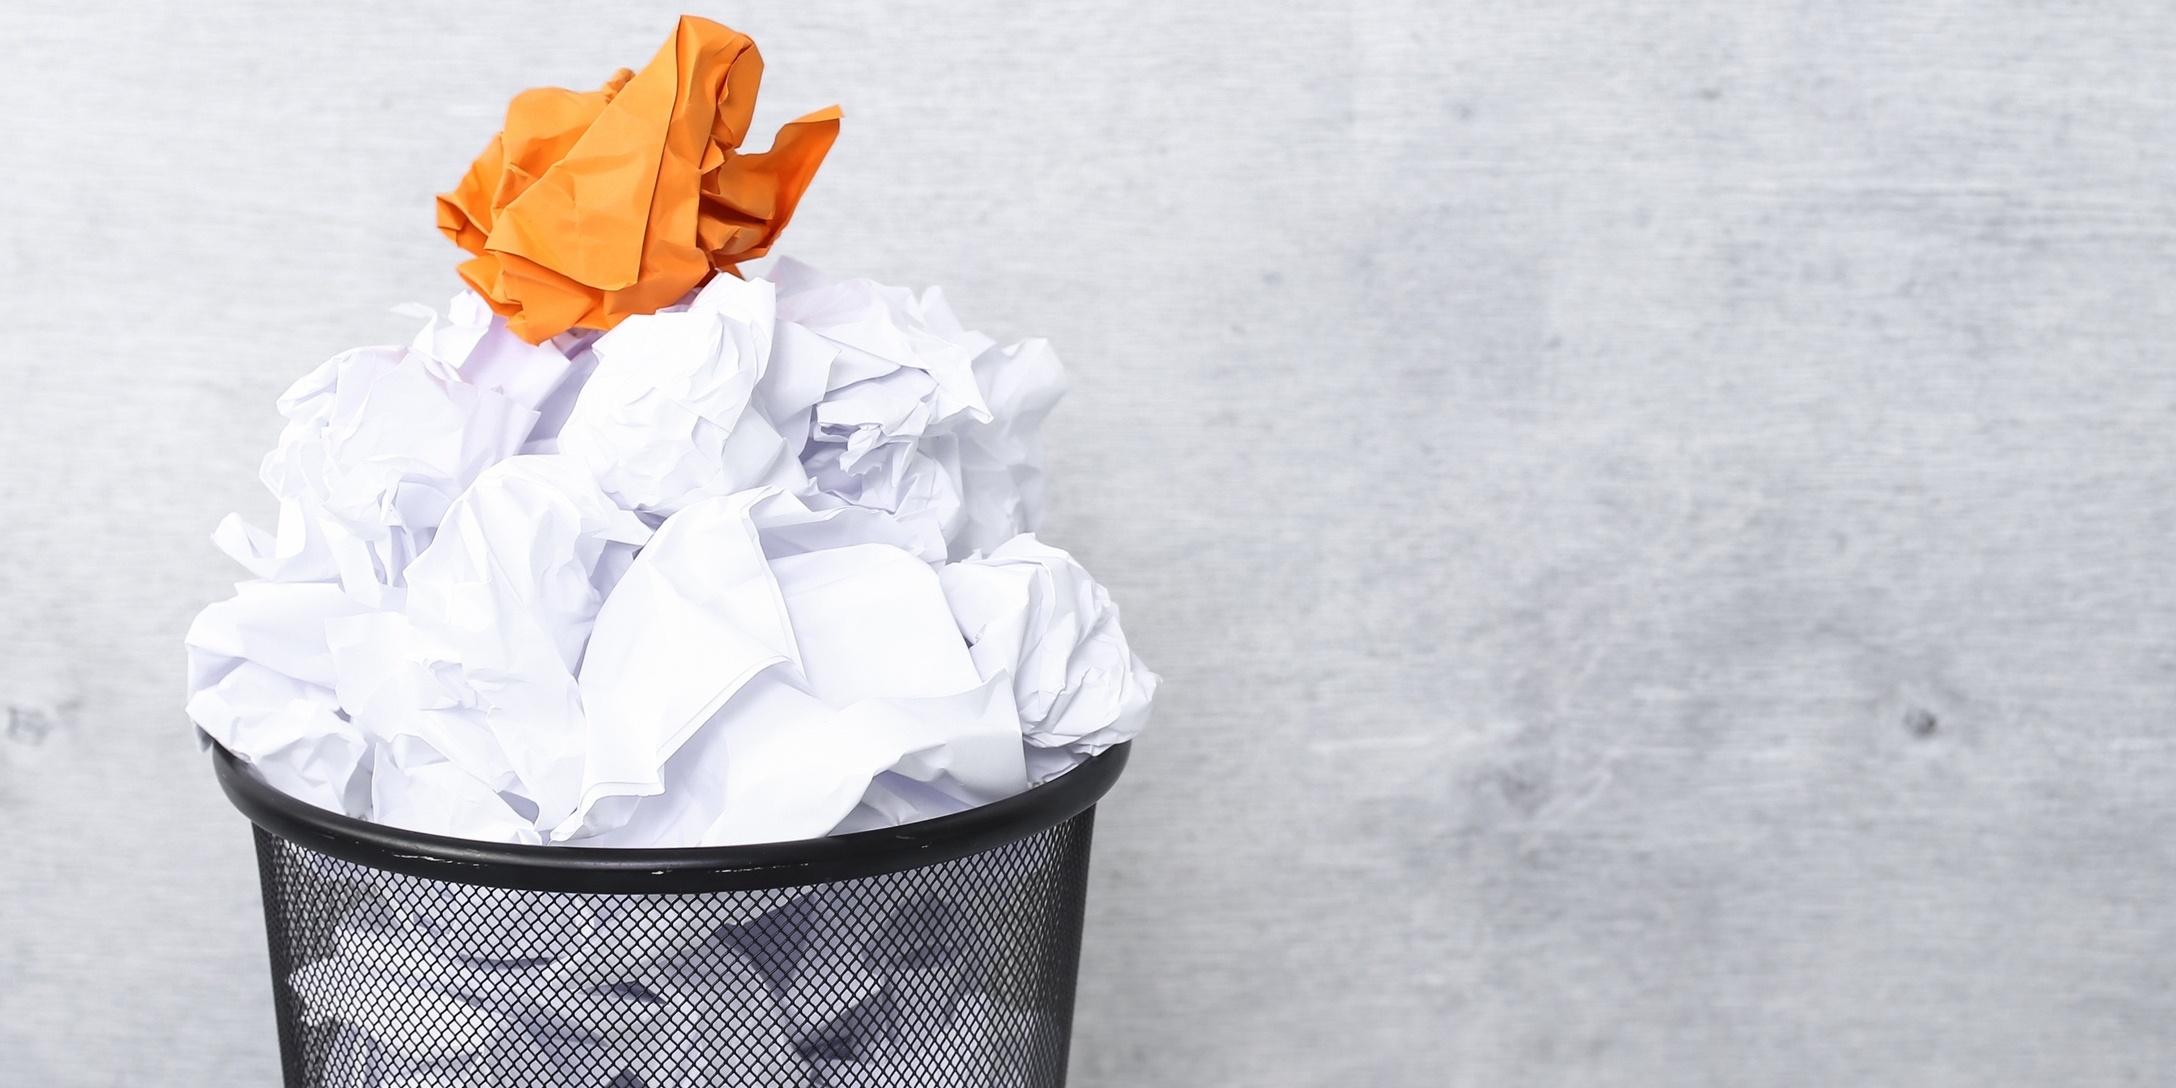 ¿Cuáles son los errores más grandes que cometen las agencias de marketing? (Segunda Parte)